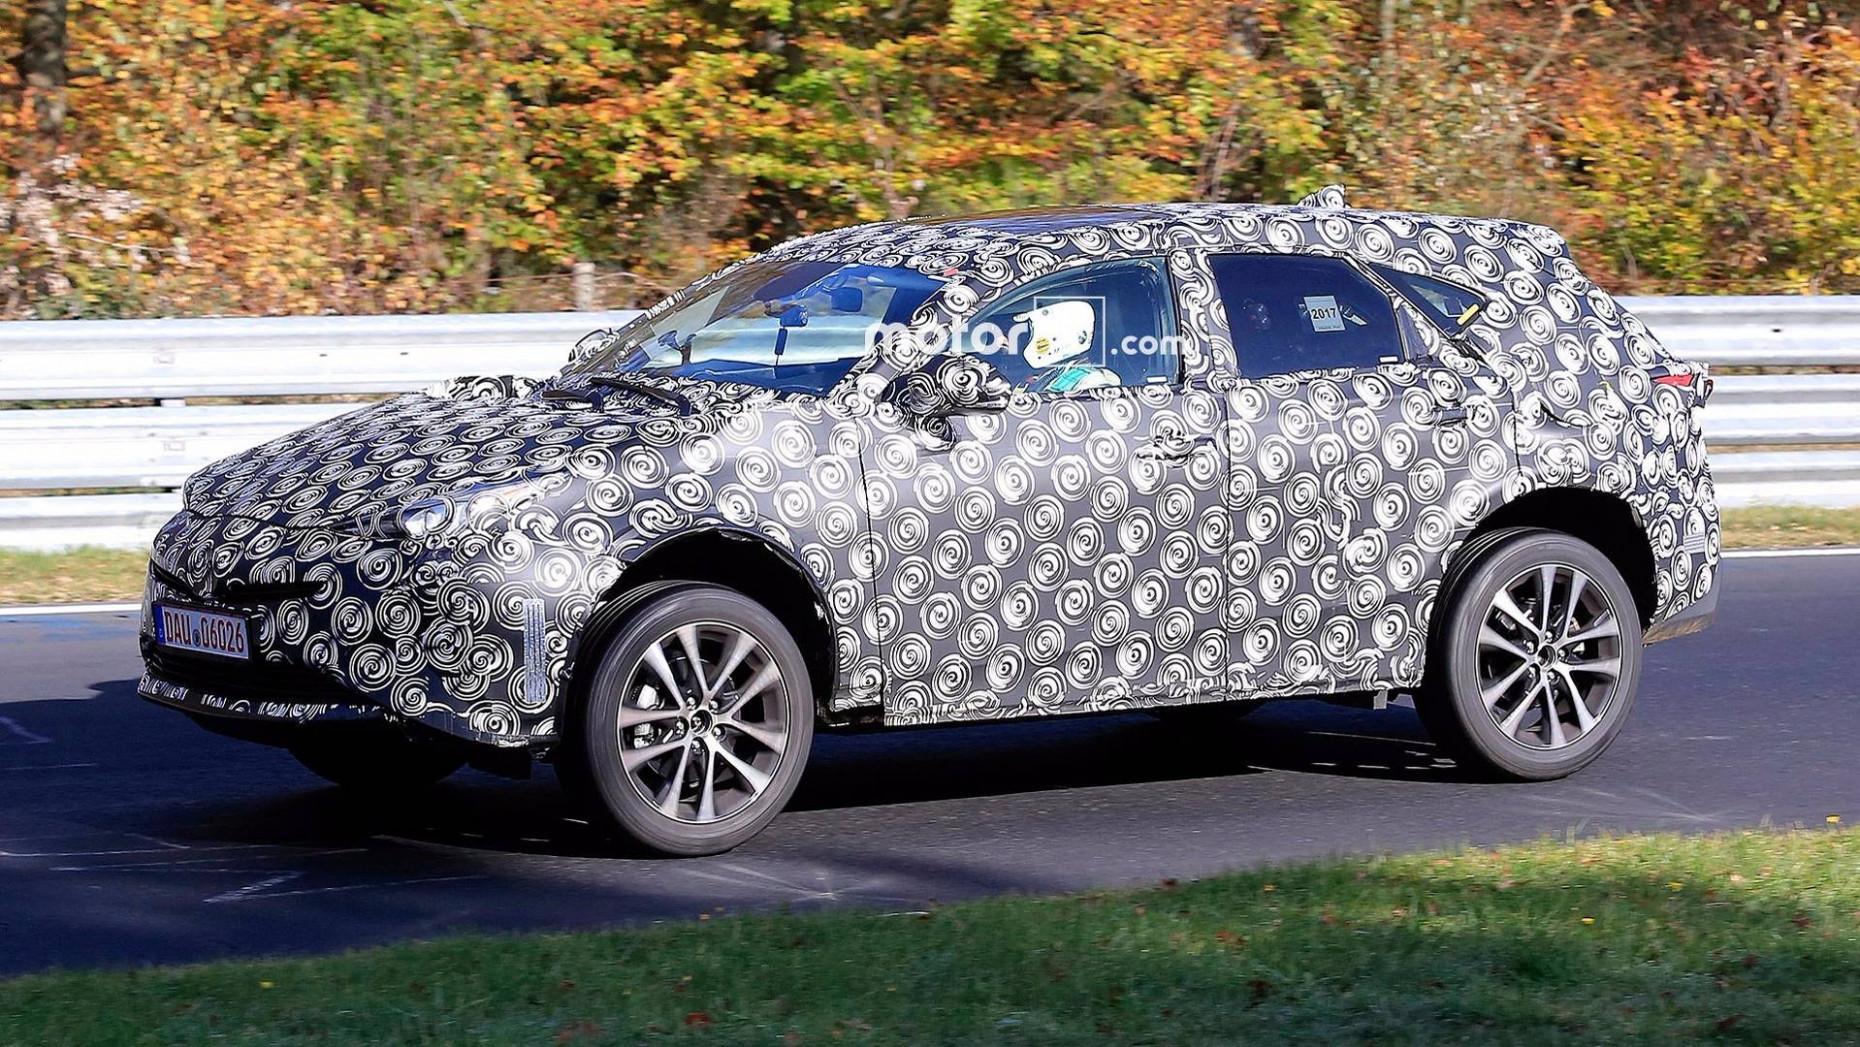 Specs 2022 Spy Shots Toyota Prius